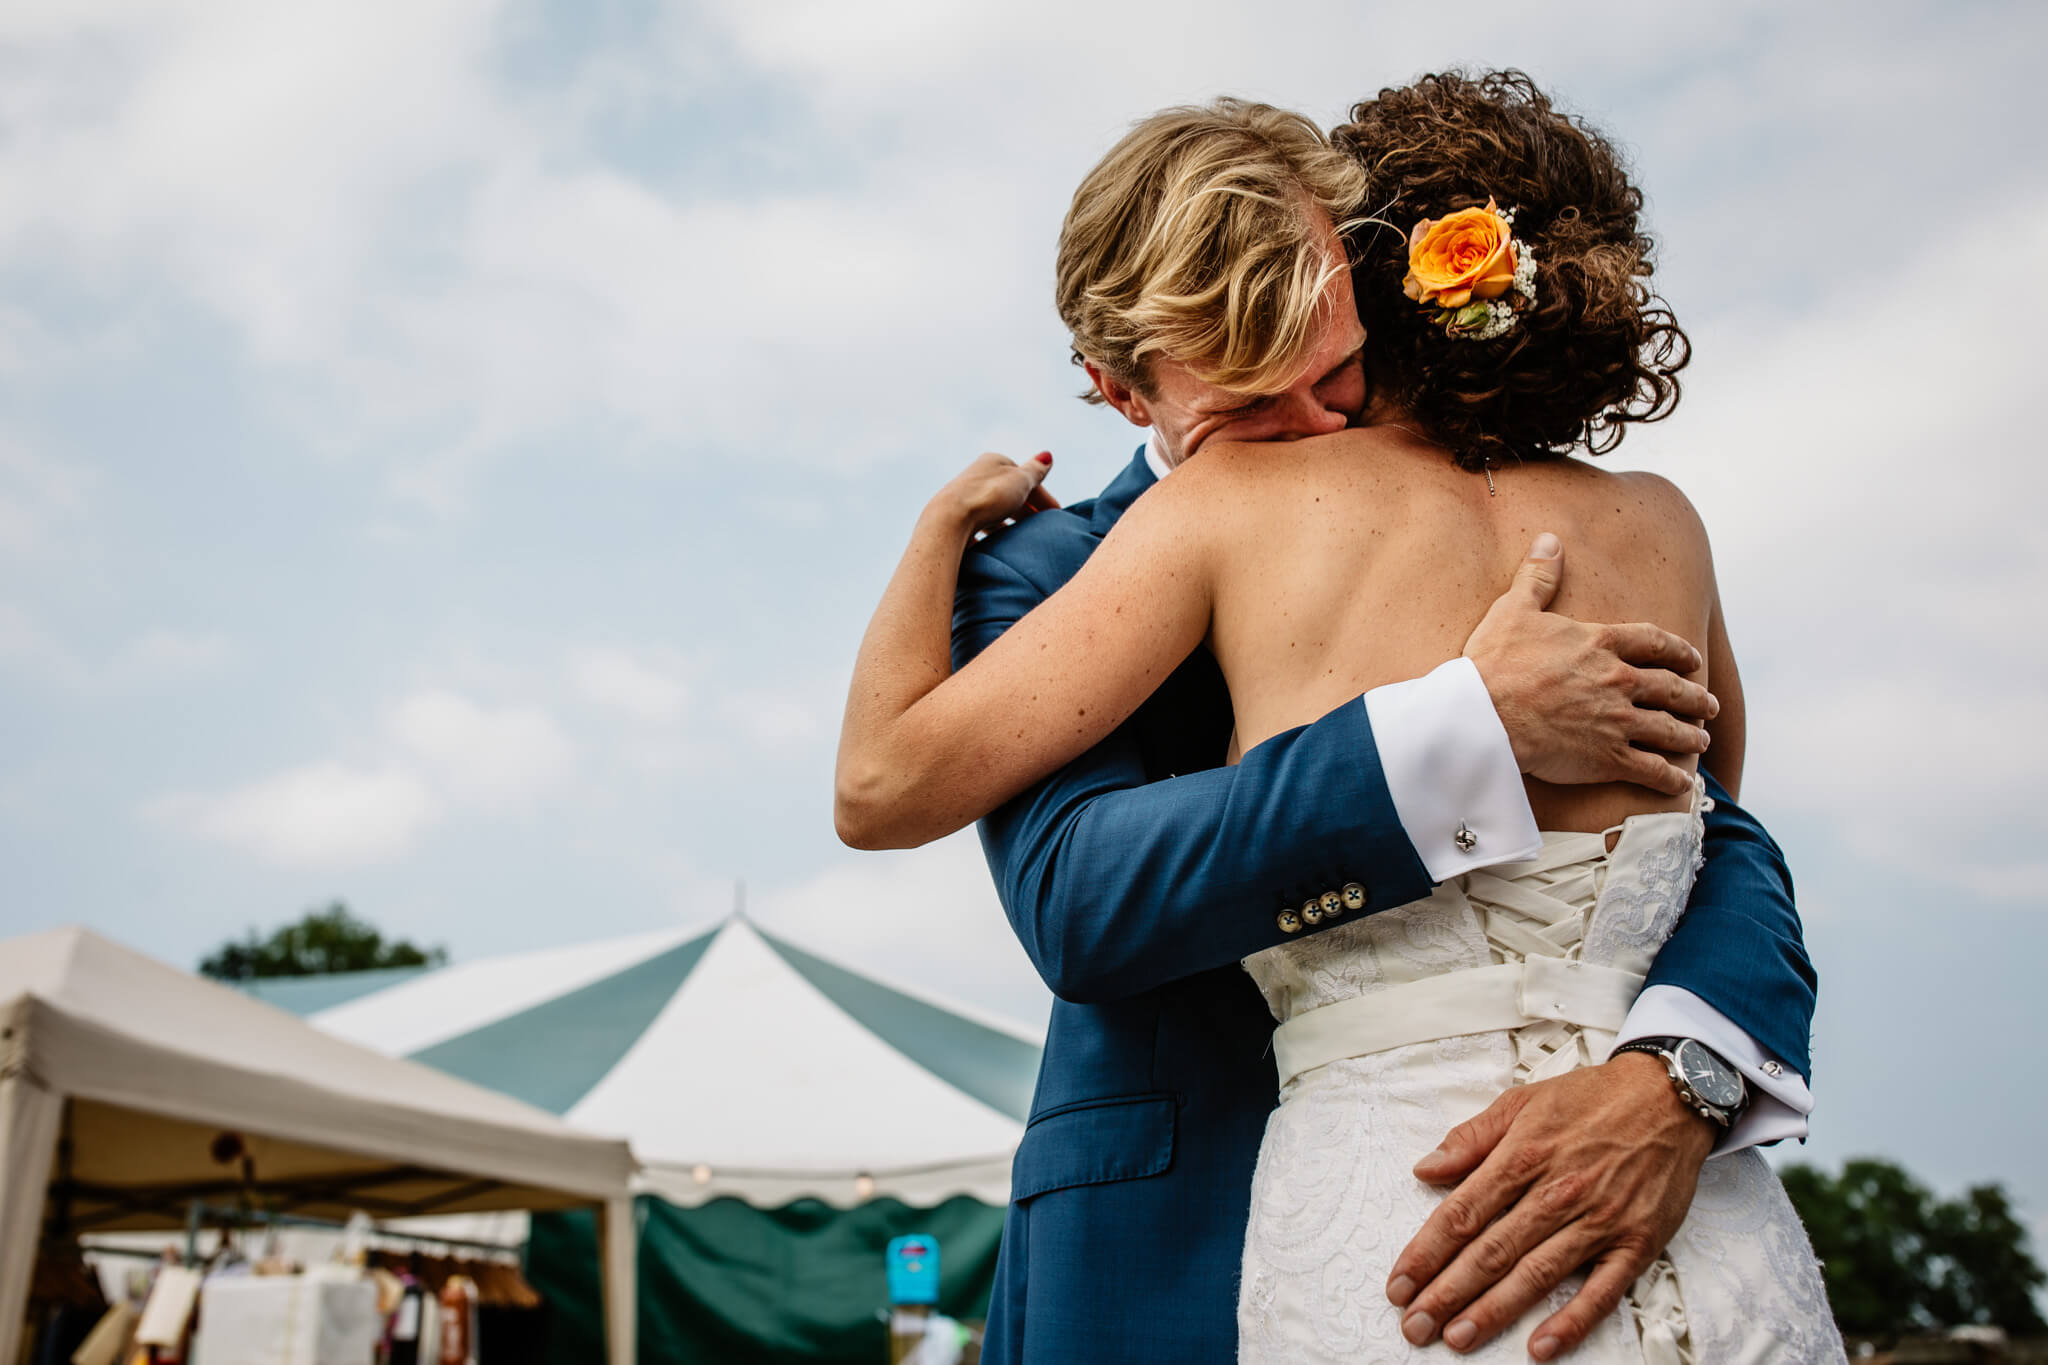 festivalbruiloft-bruidsfotograaf-utrecht-7.jpg